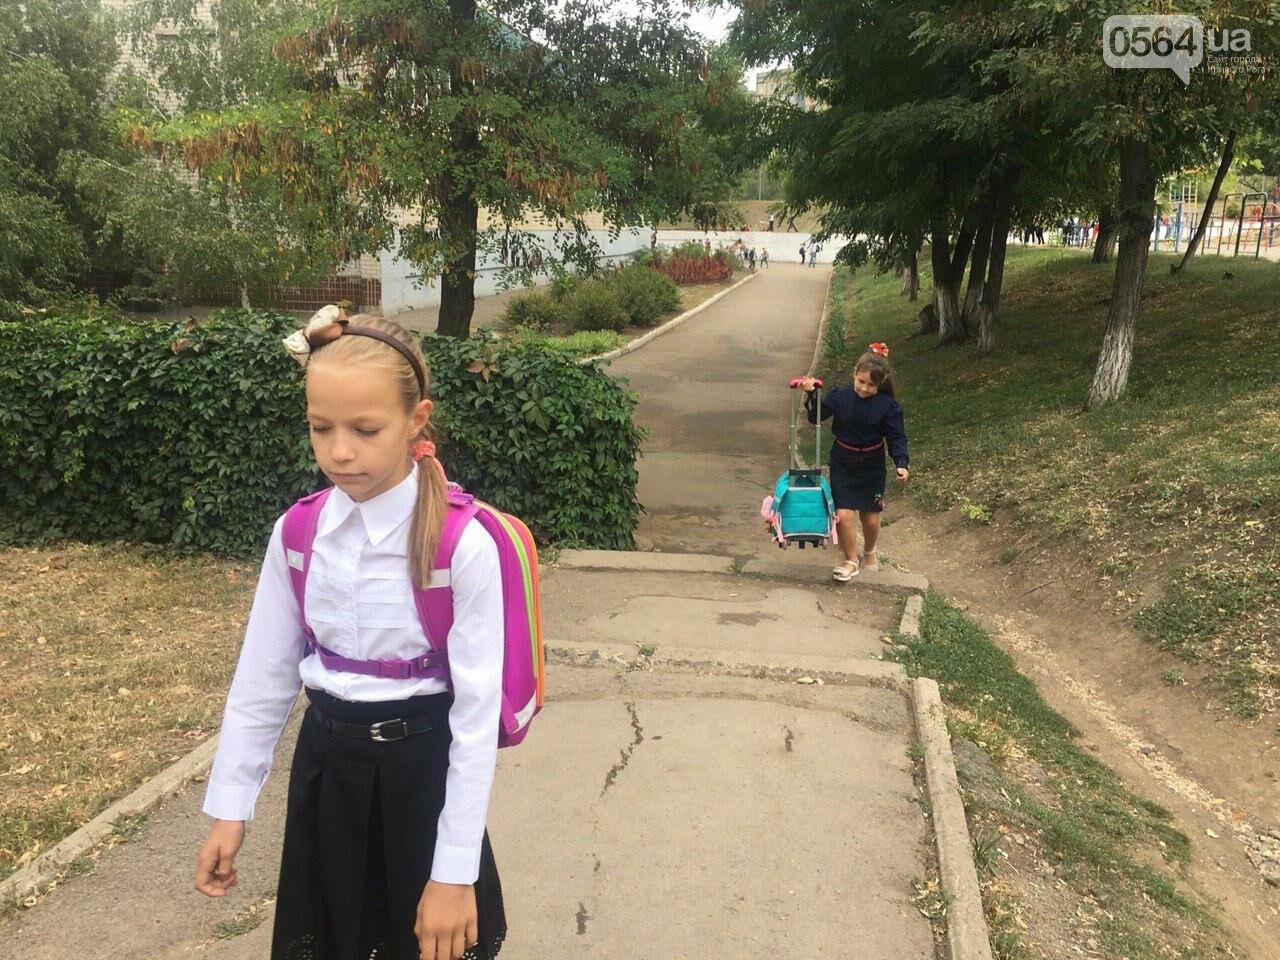 В одной из школ Кривого Рога из-за распыления неизвестного вещества срочно эвакуировали детей, - ФОТО, фото-16